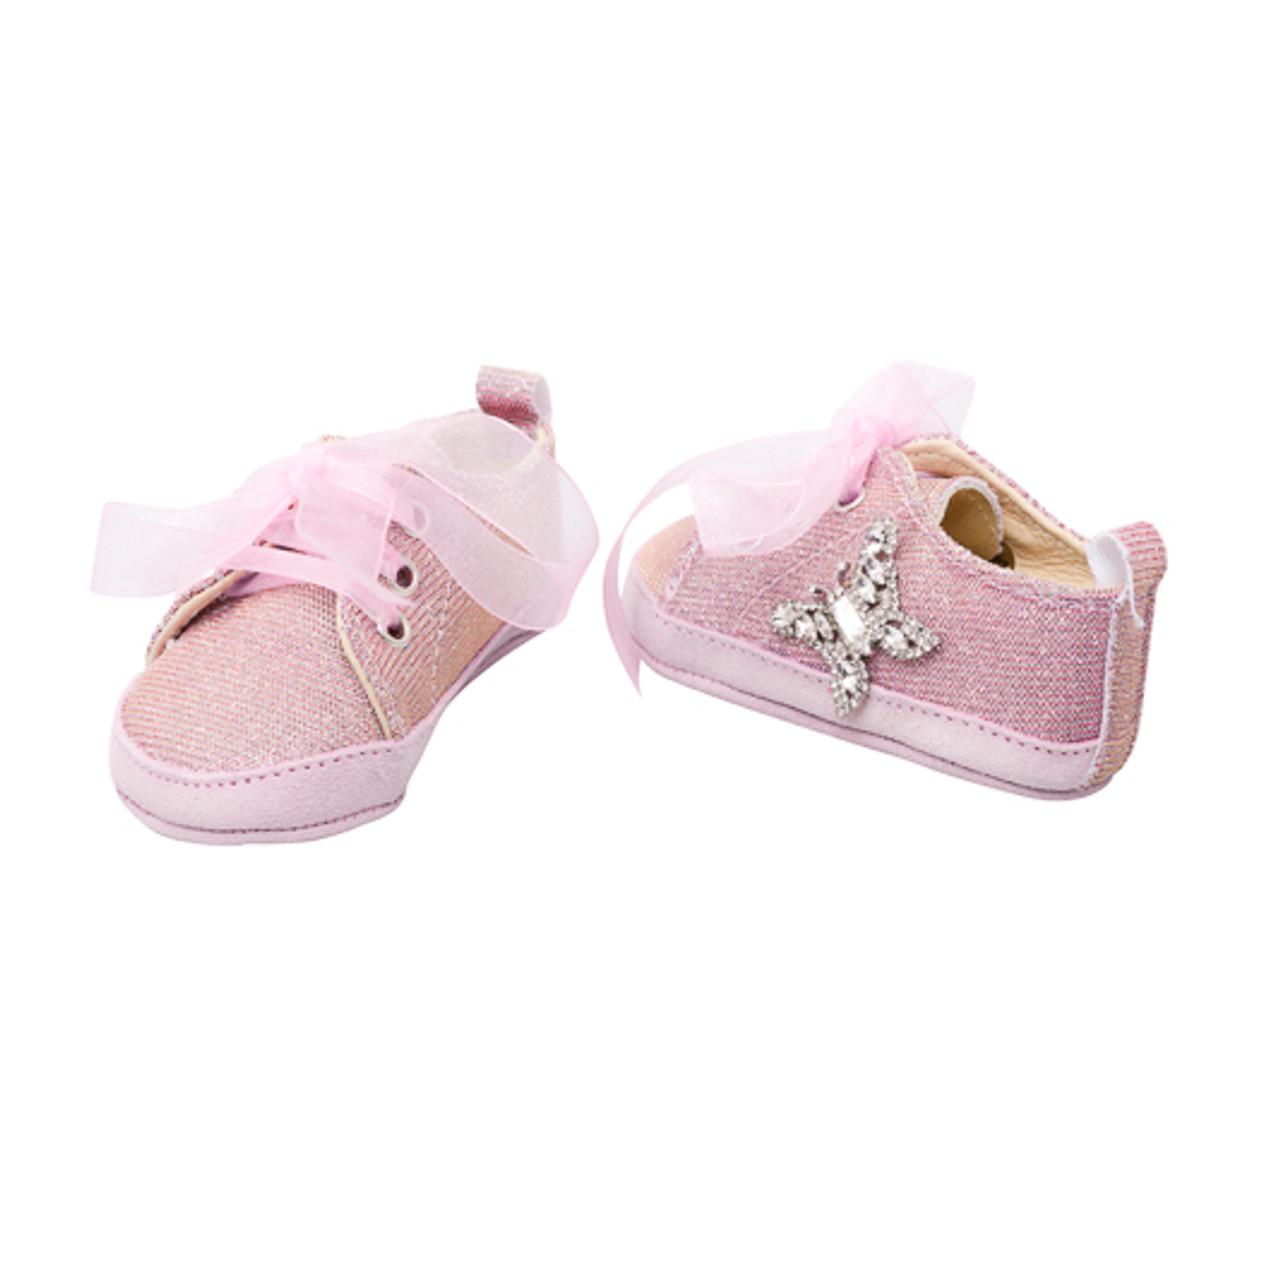 Pink Rocket Pink Notturno Sneaker Baby Notturno Baby Baby Rocket Sneaker y8Omv0Nnw